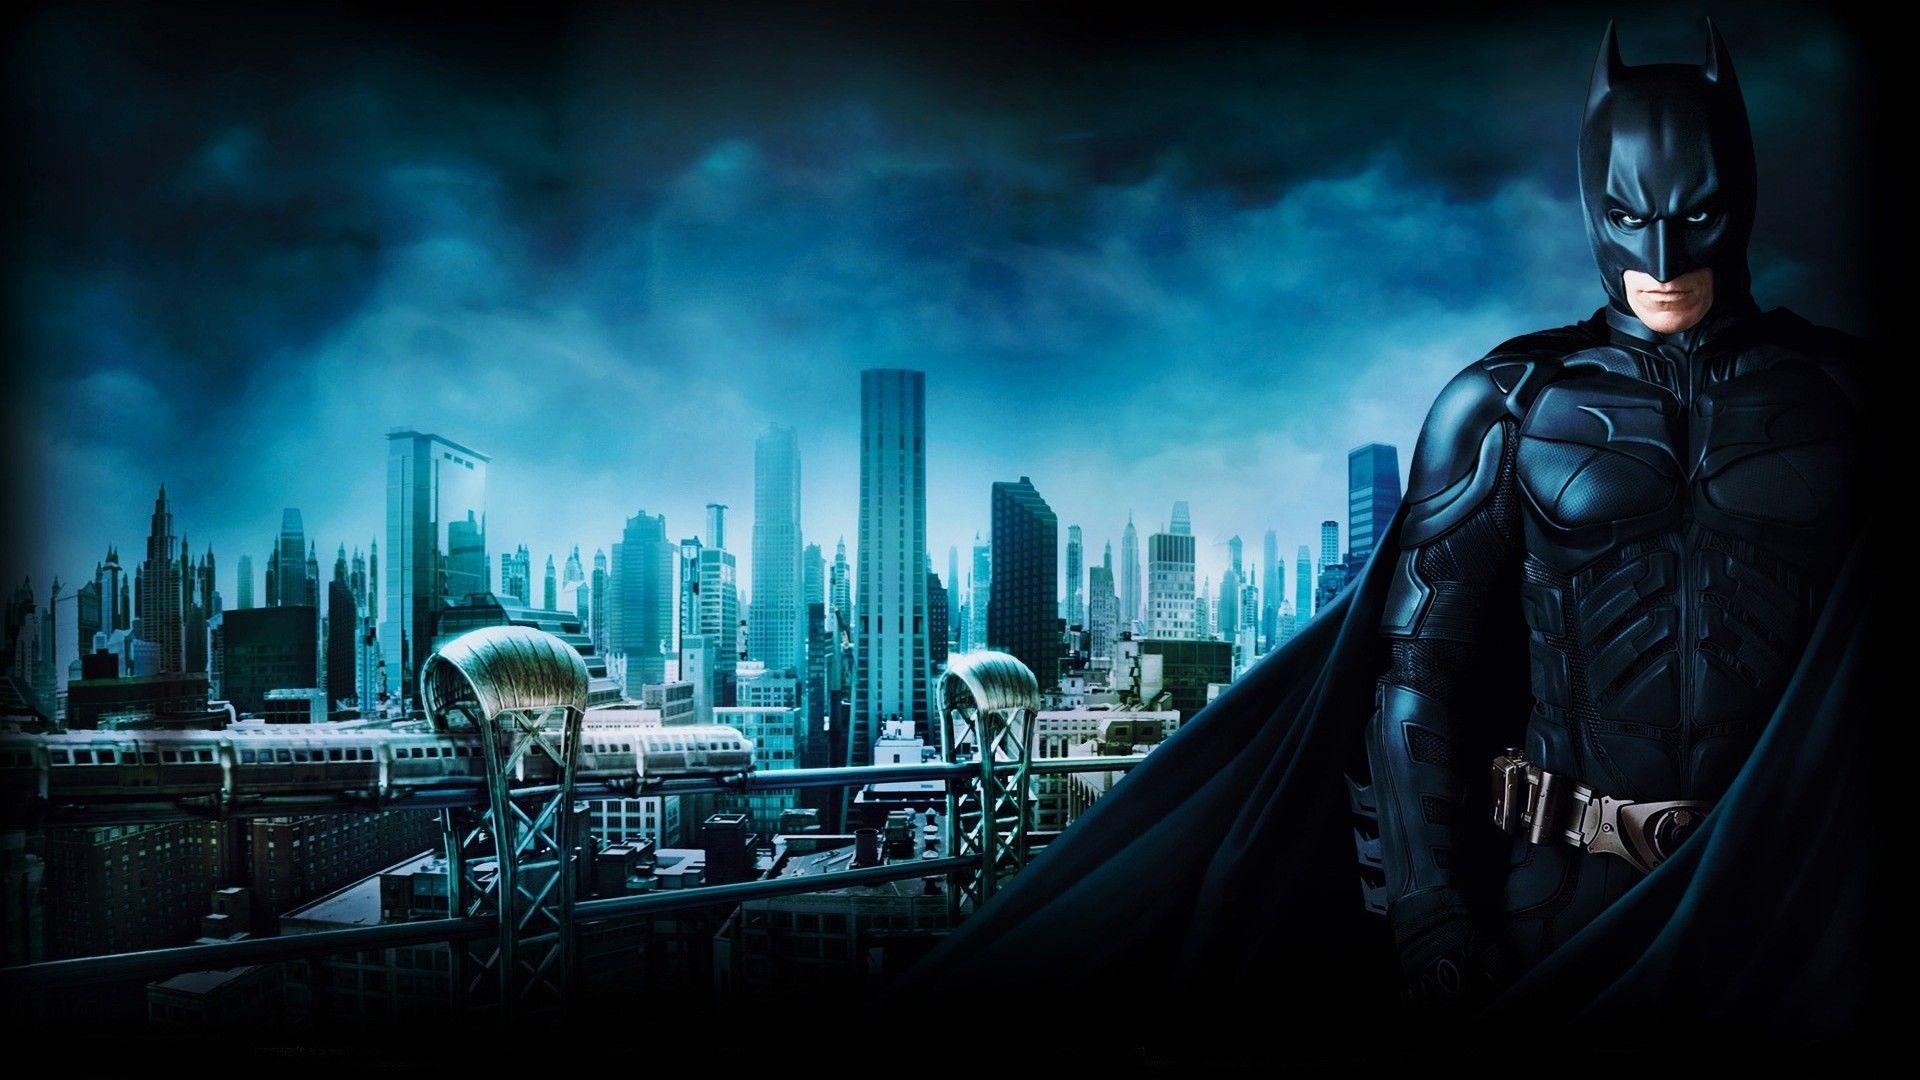 Batman Begins Gotham Train Images Hd Wallpaper Batman